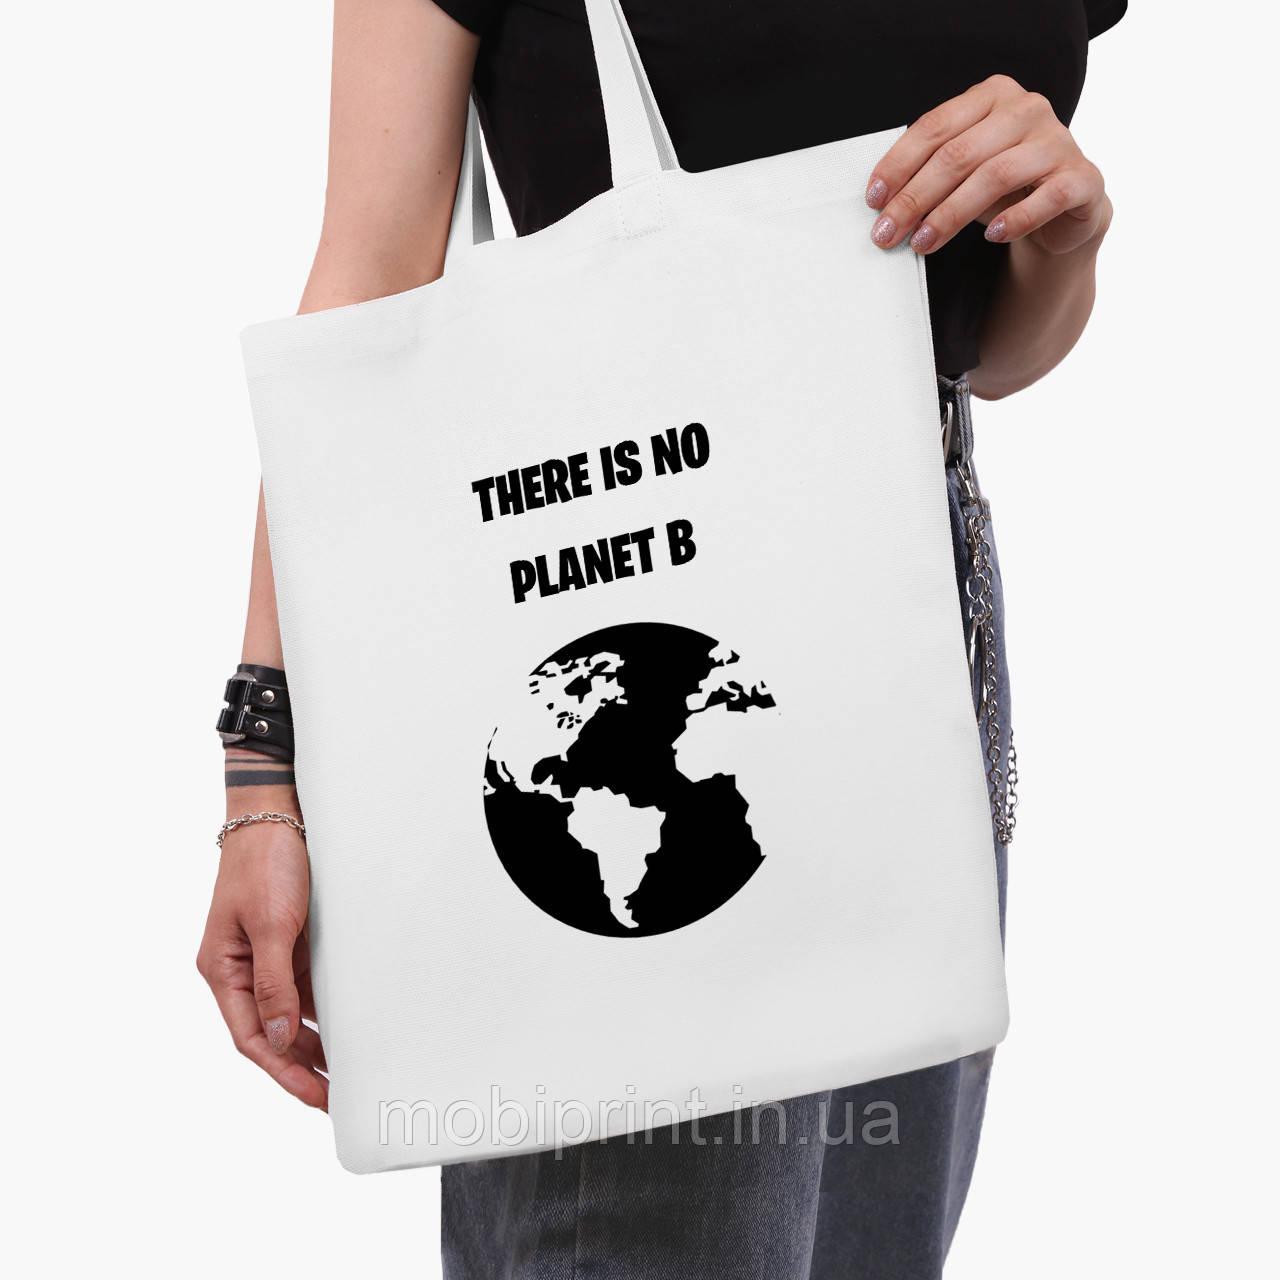 Эко сумка шоппер белая Экология (Ecology) (9227-1333-3)  41*35 см